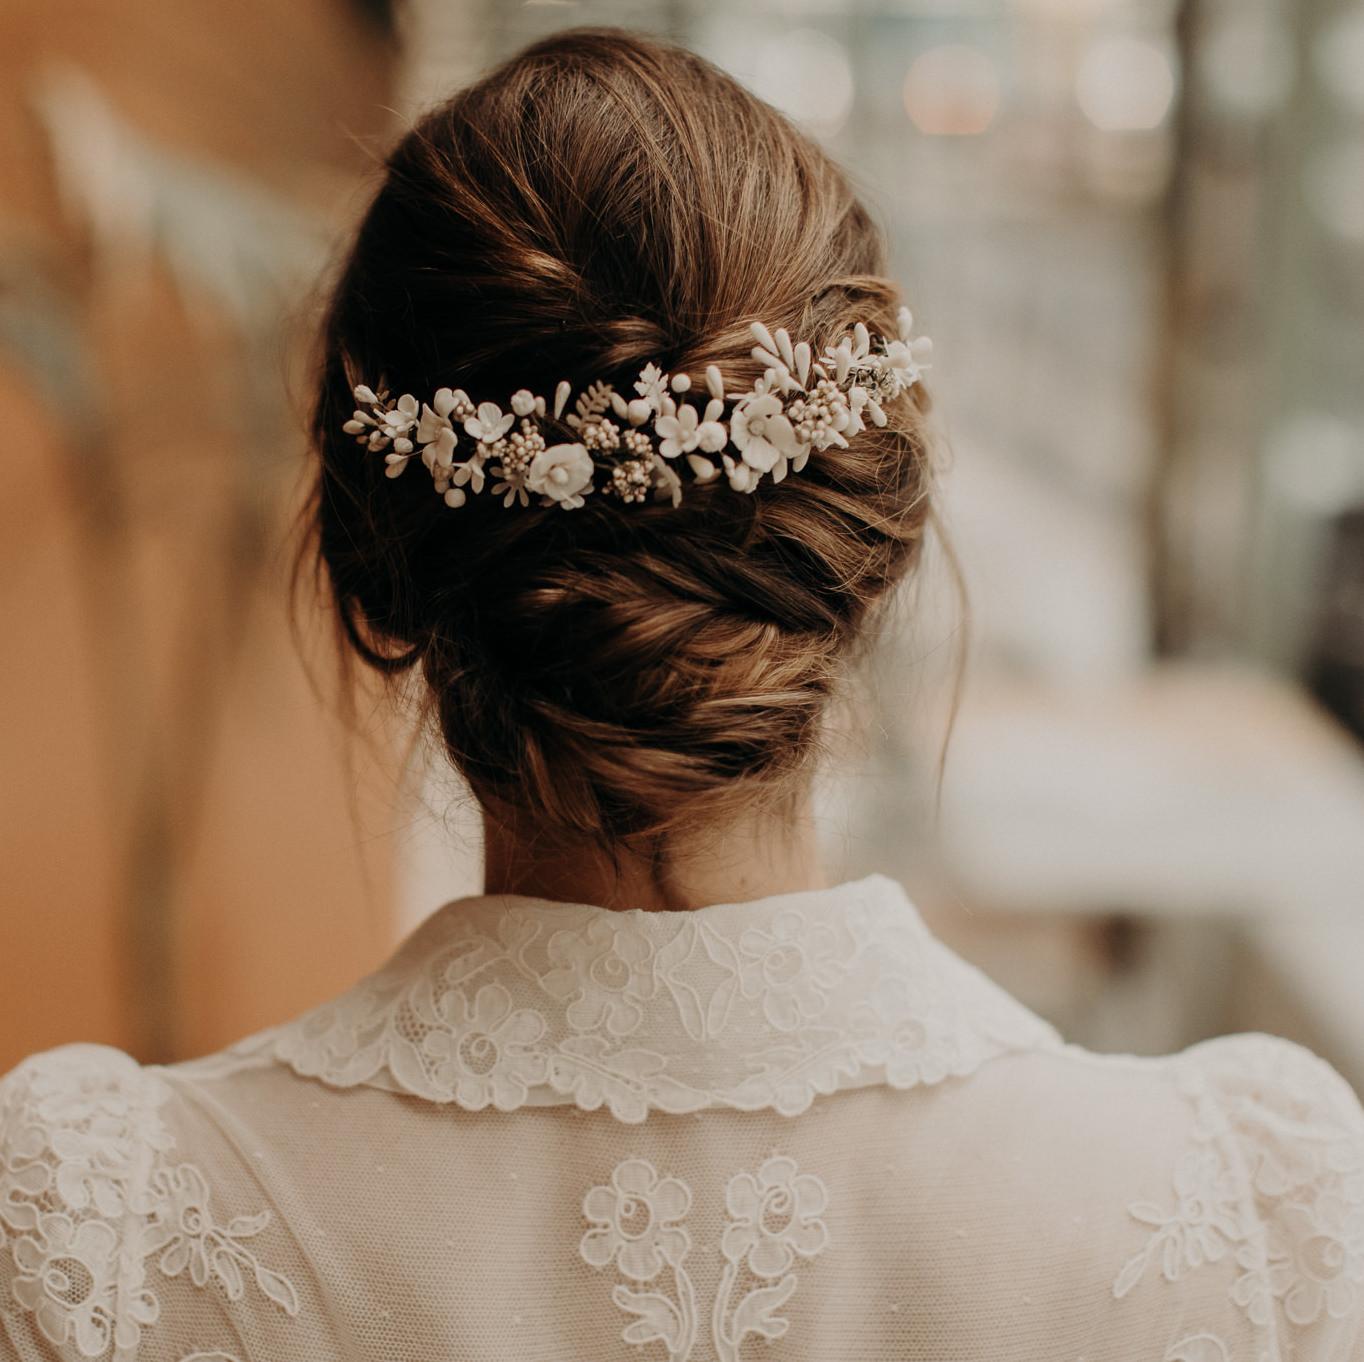 Accessoire cheveux mariee Lizeron Elise Martimort